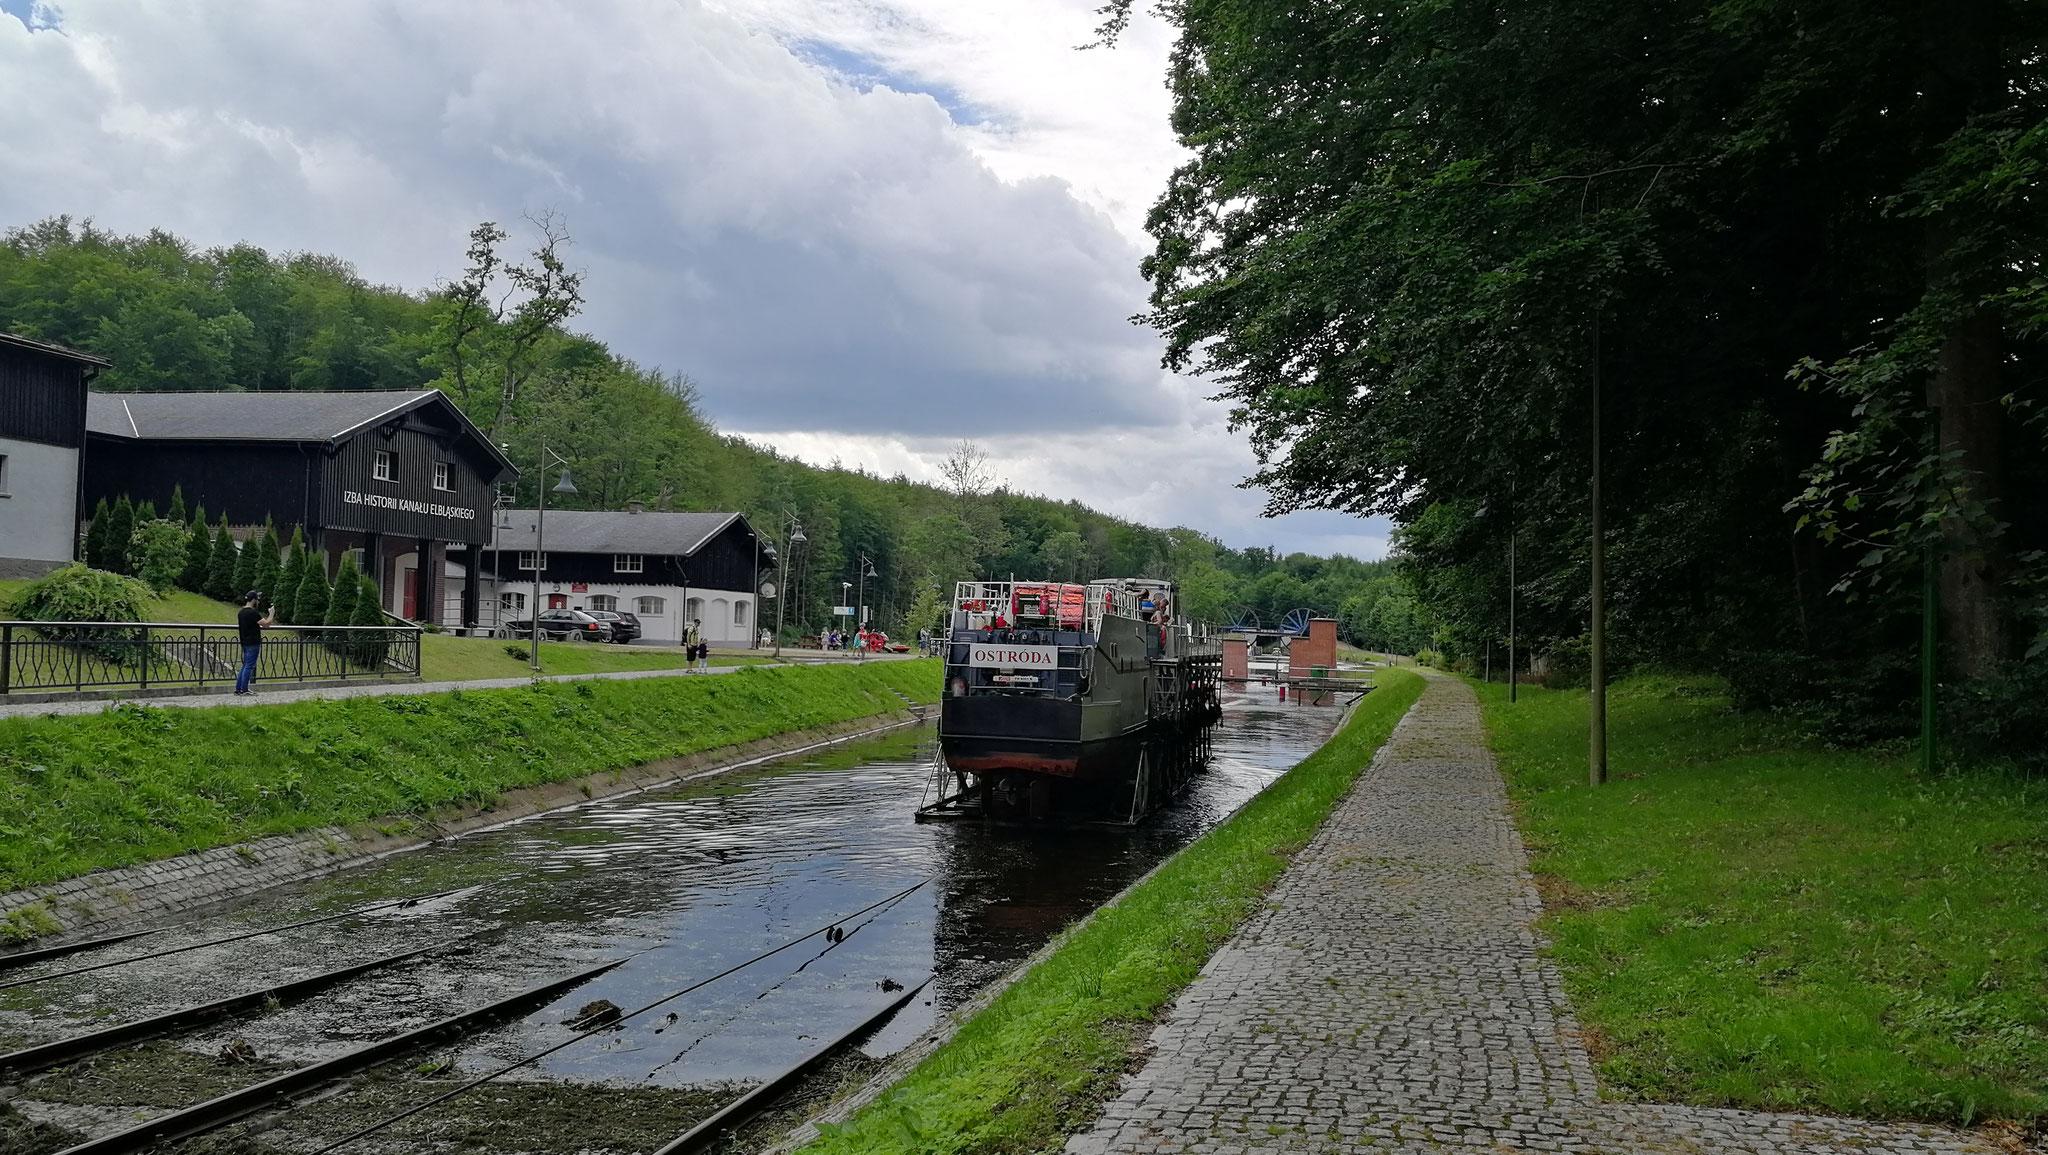 der Kanal verbindet Ostroda mit Elblag